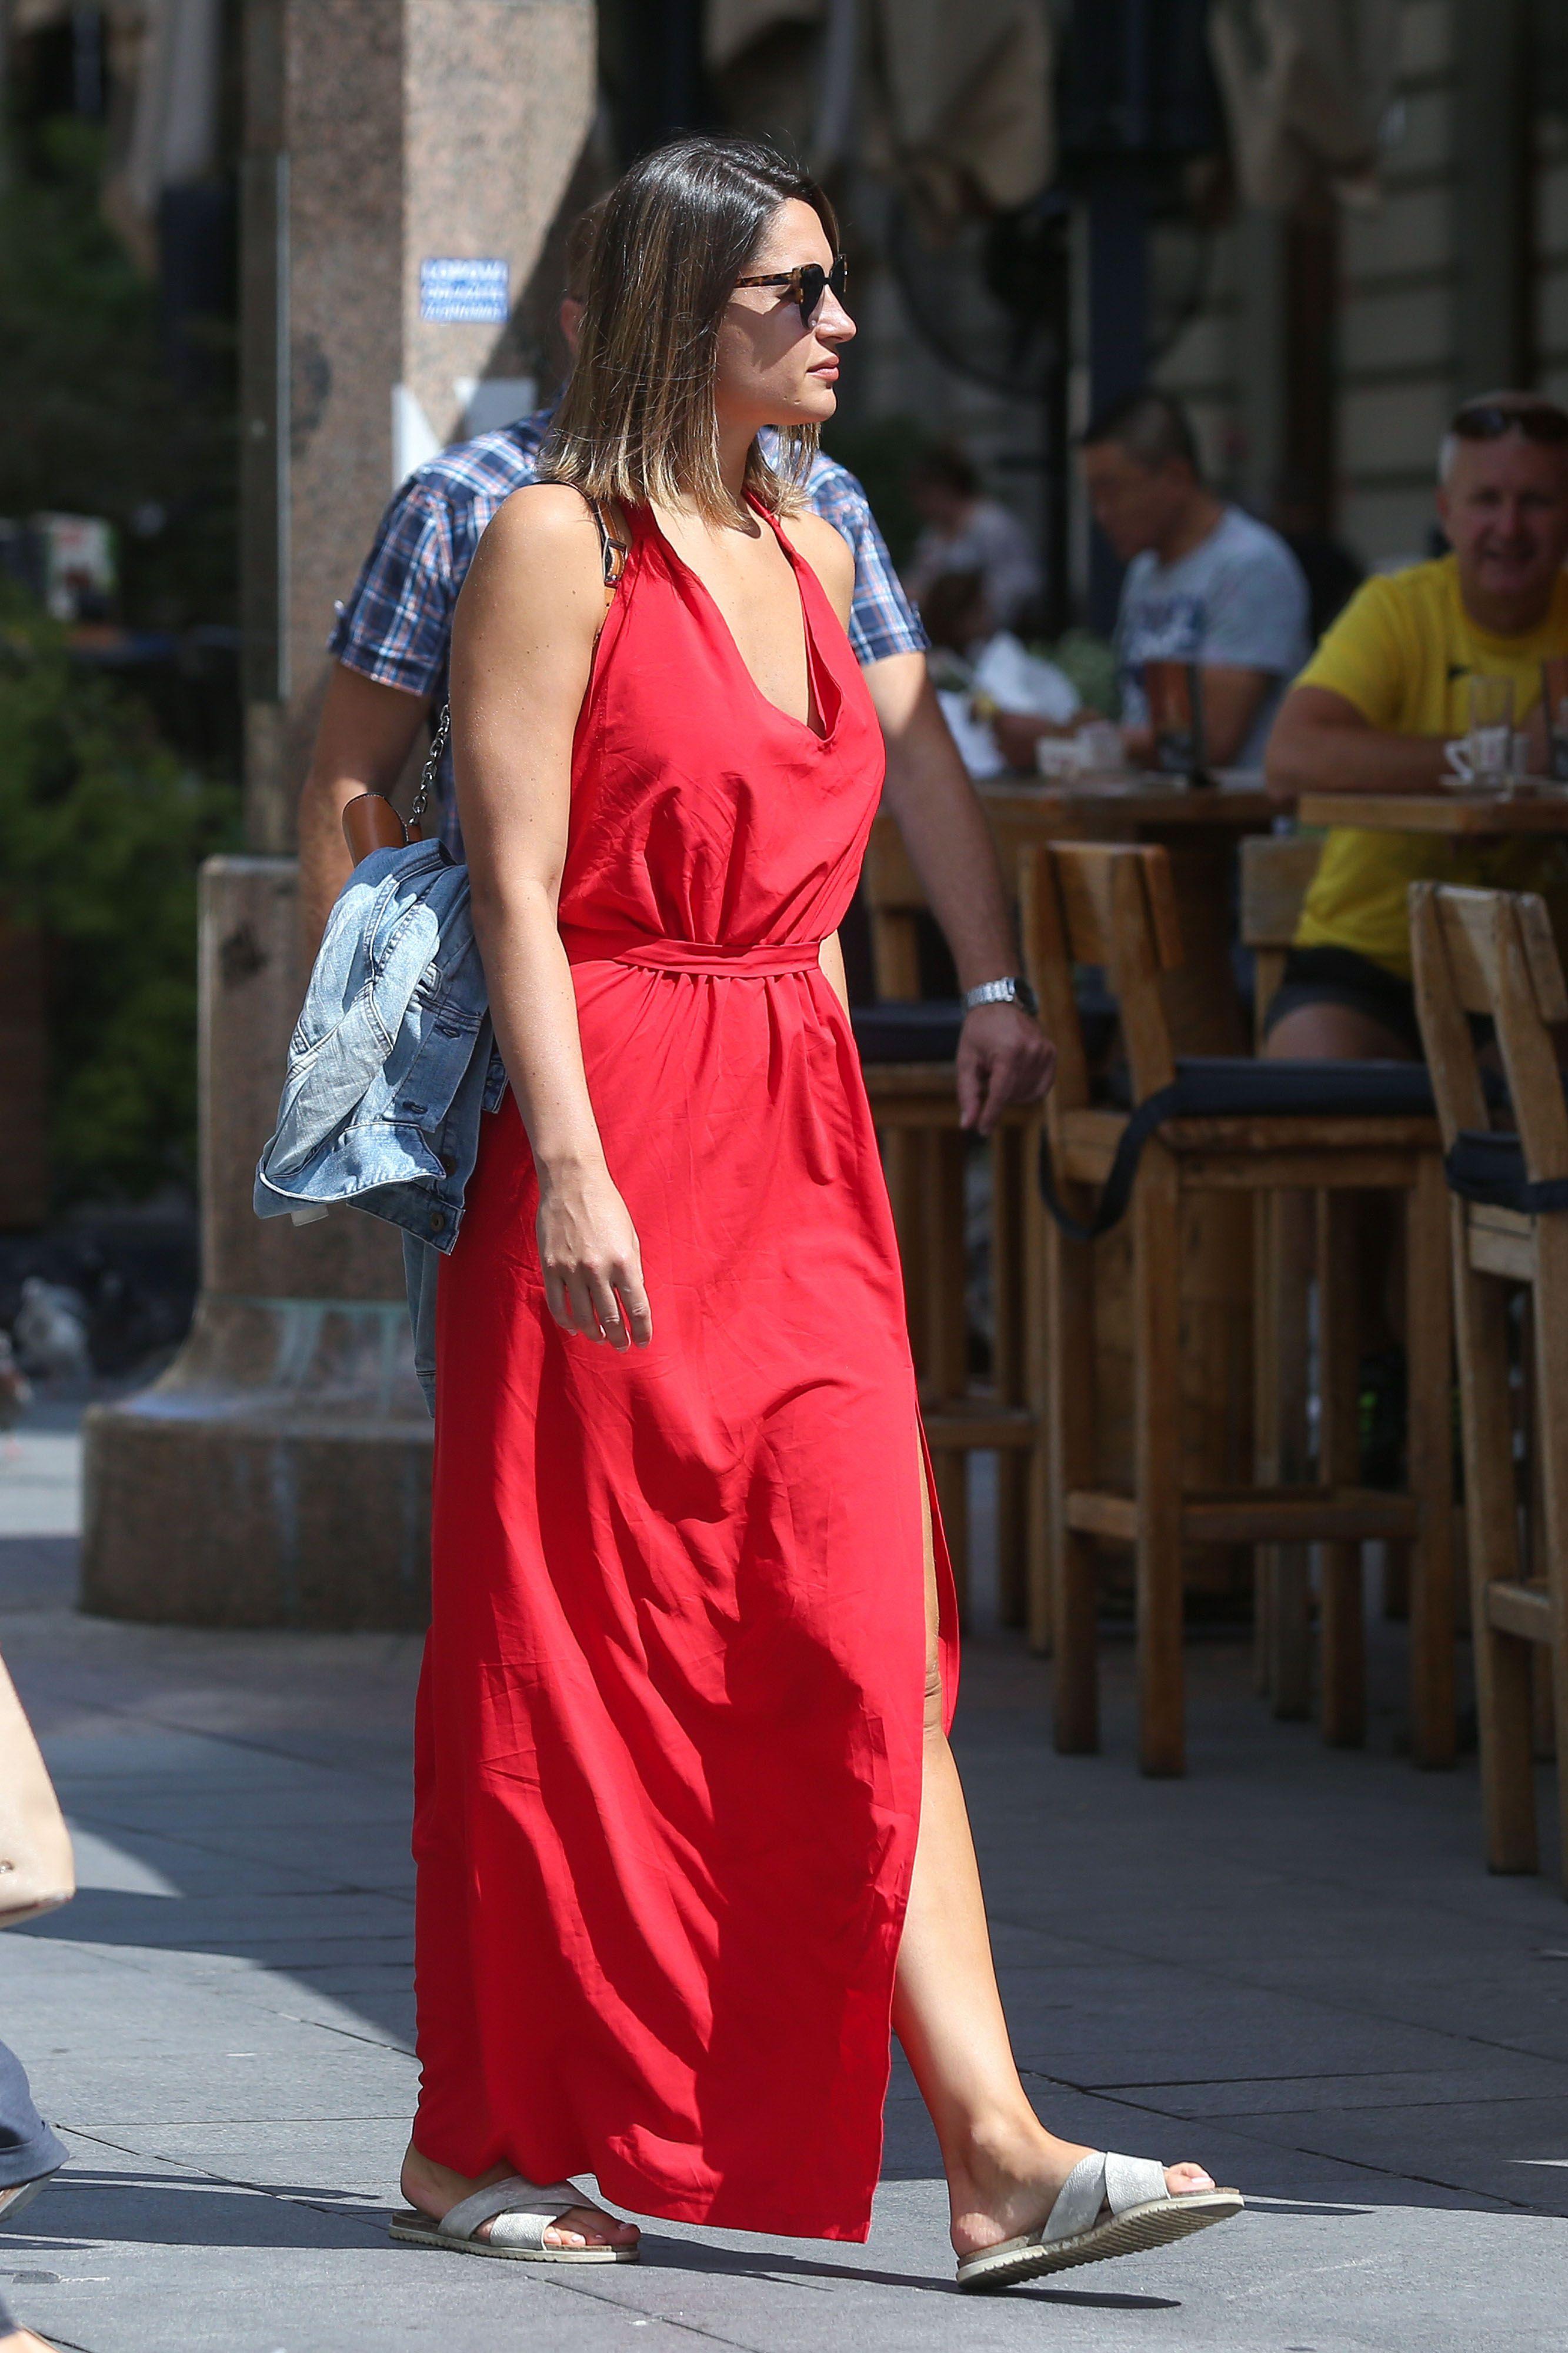 Dama u dugoj crvenoj haljini ukrala je show na zagrebačkoj špici